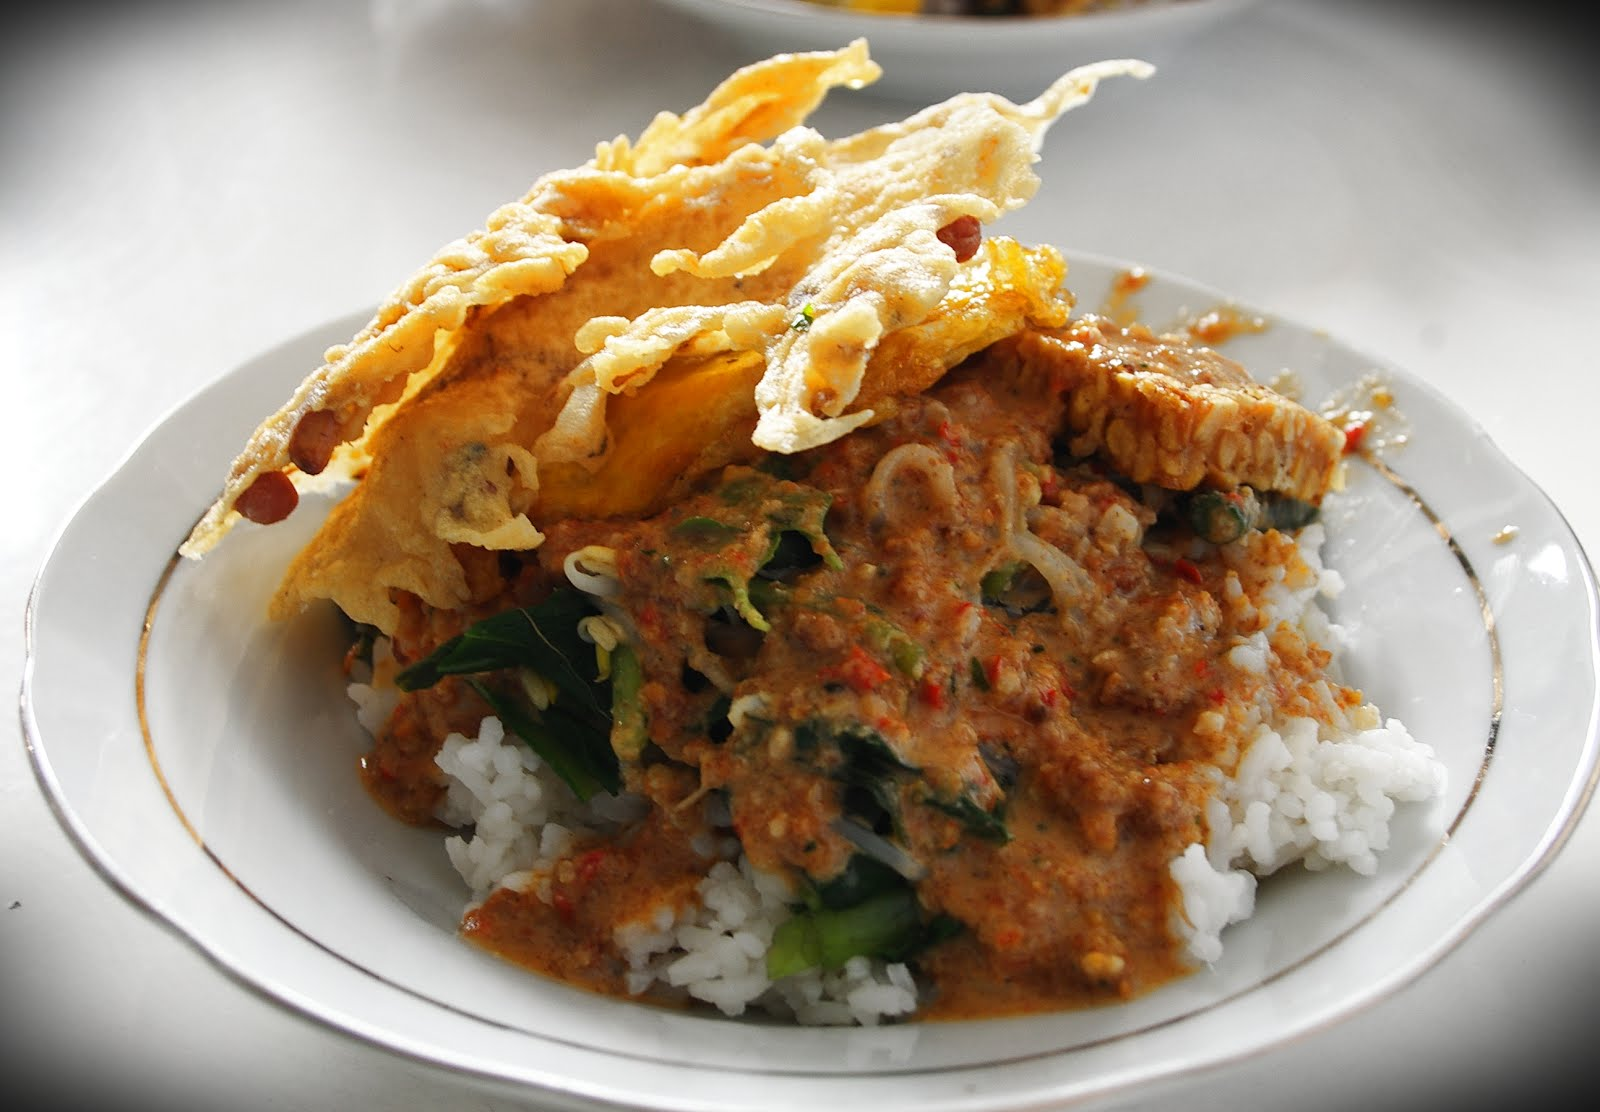 Referensi dan Rekomendasi Tempat Wisata di Indonesia: Tempat Makan di Kuta Bali (Nasis Pecel Bu Tinuk)